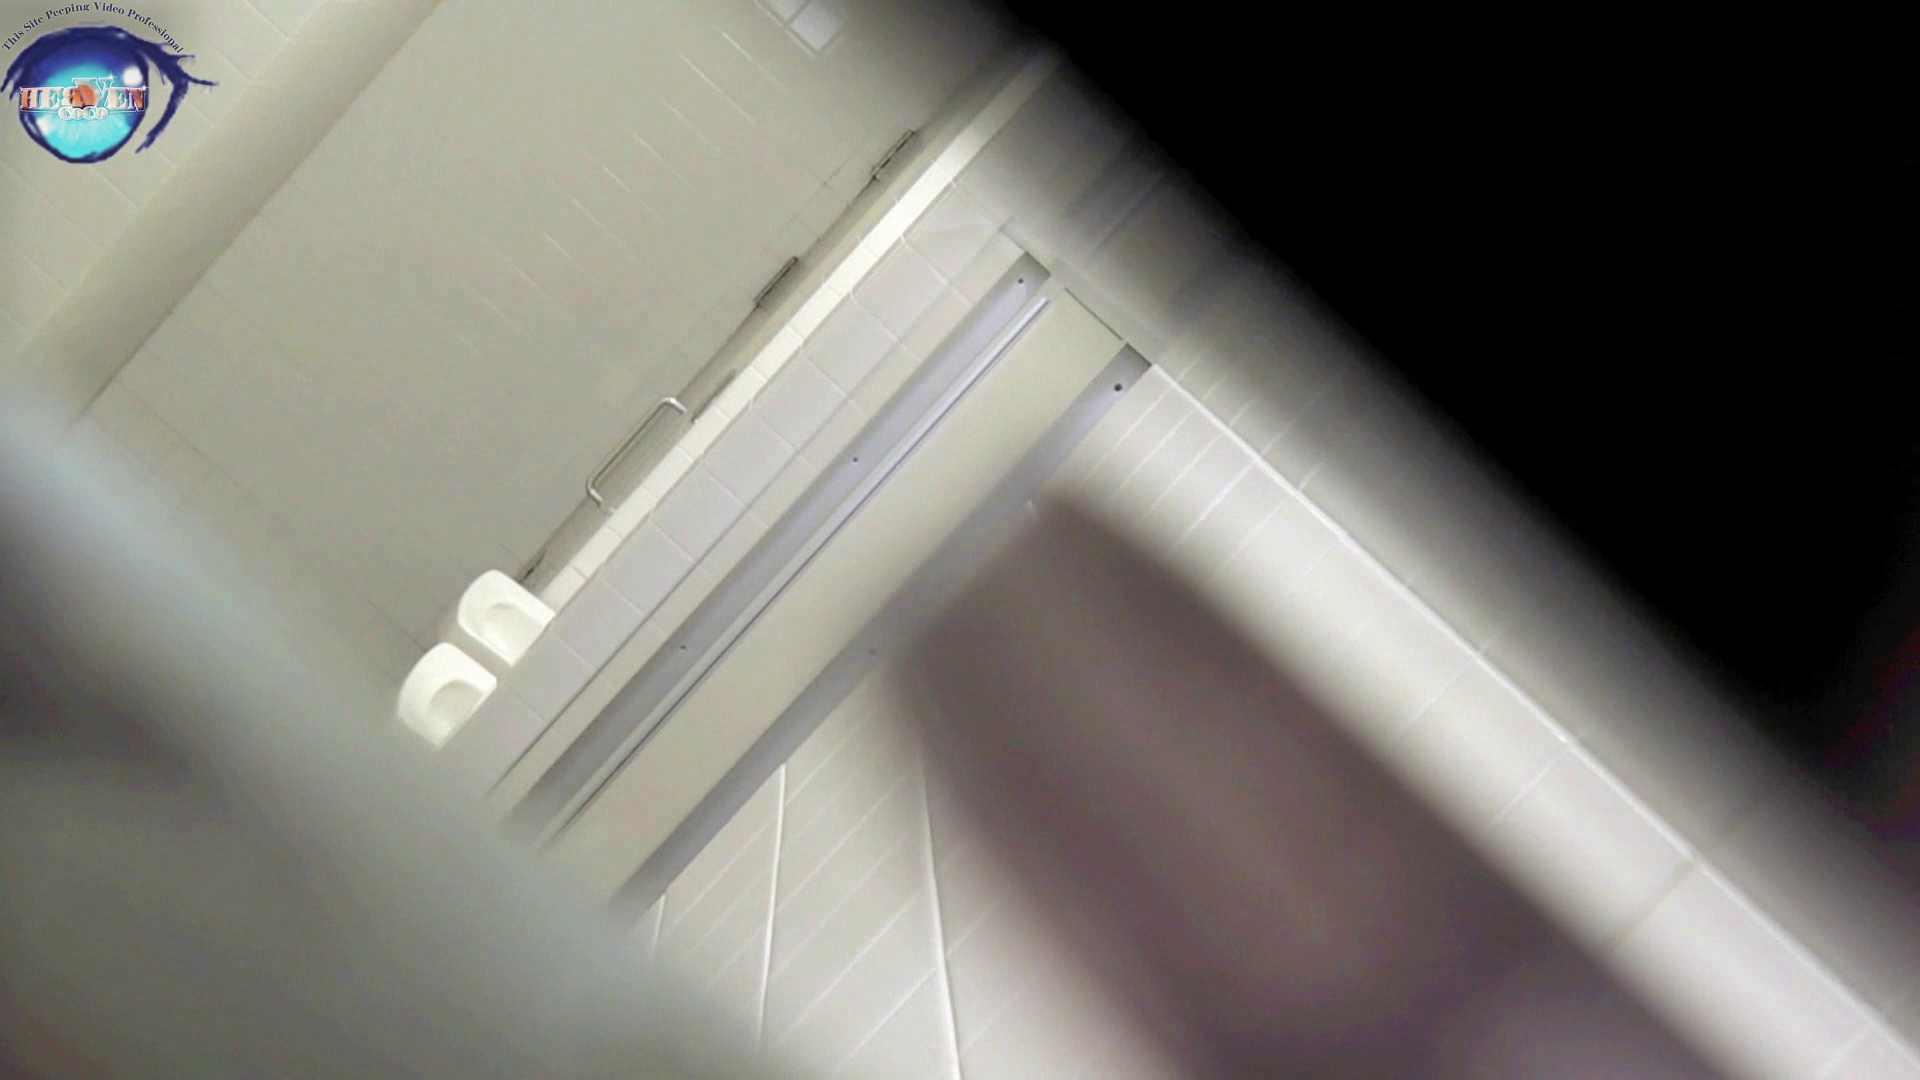 洗面所突入レポート!!お銀 vol.68 無謀に通路に飛び出て一番明るいフロント撮り実現 前編 洗面所編   0  86PIX 81